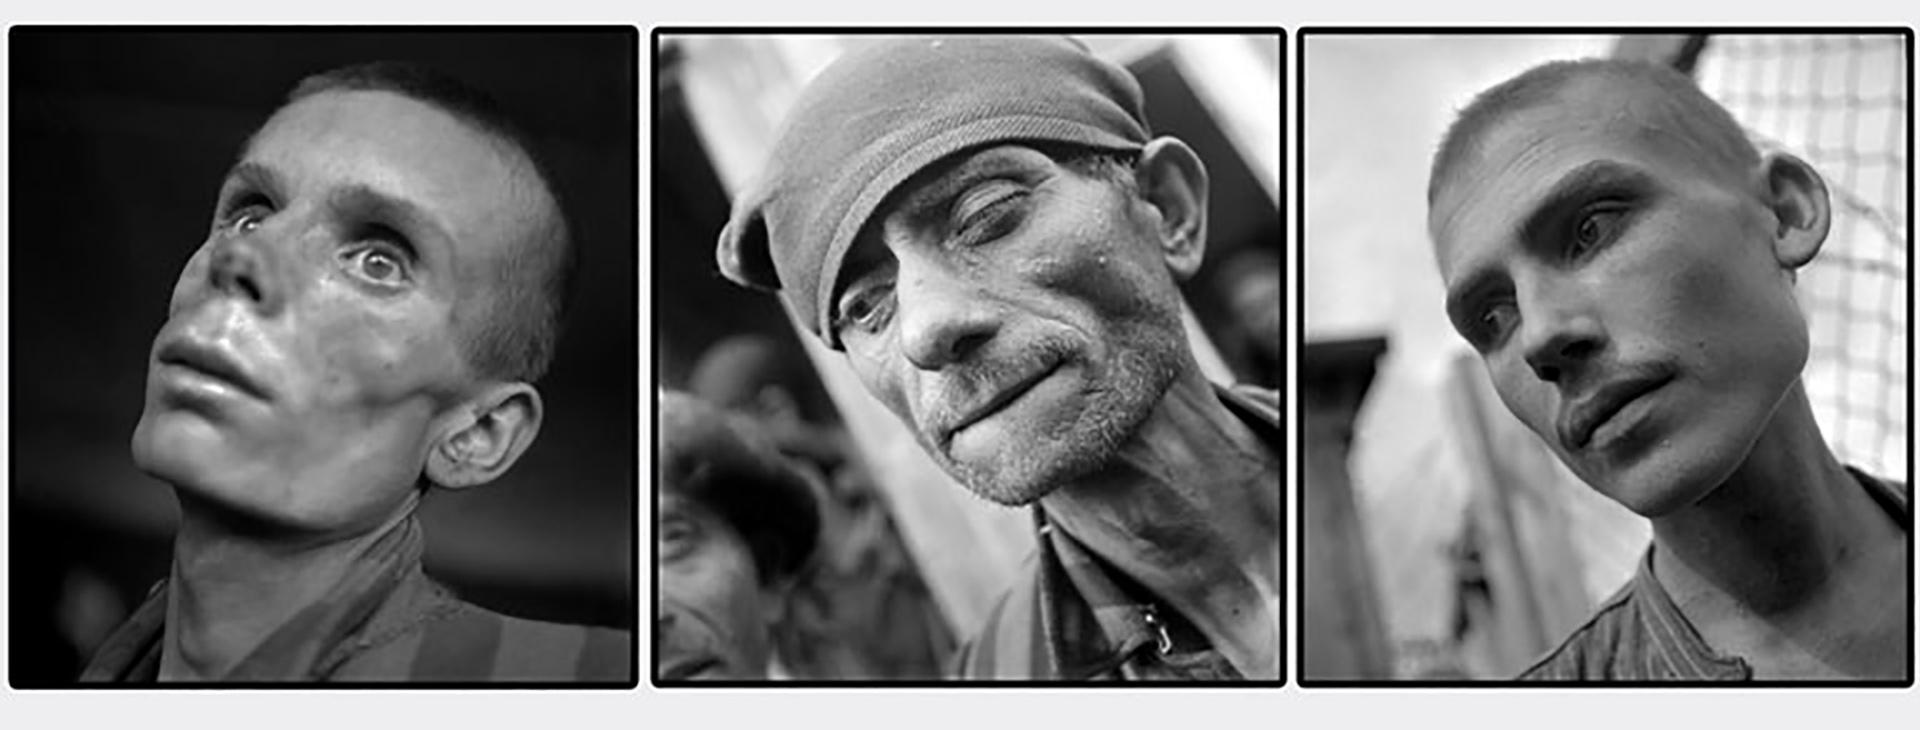 Los tremendos retratos de los prisioneros que sacó el fotógrafo Eric Schwab en Dachau en abril de 1945 (AFP/ Eric Schwab)